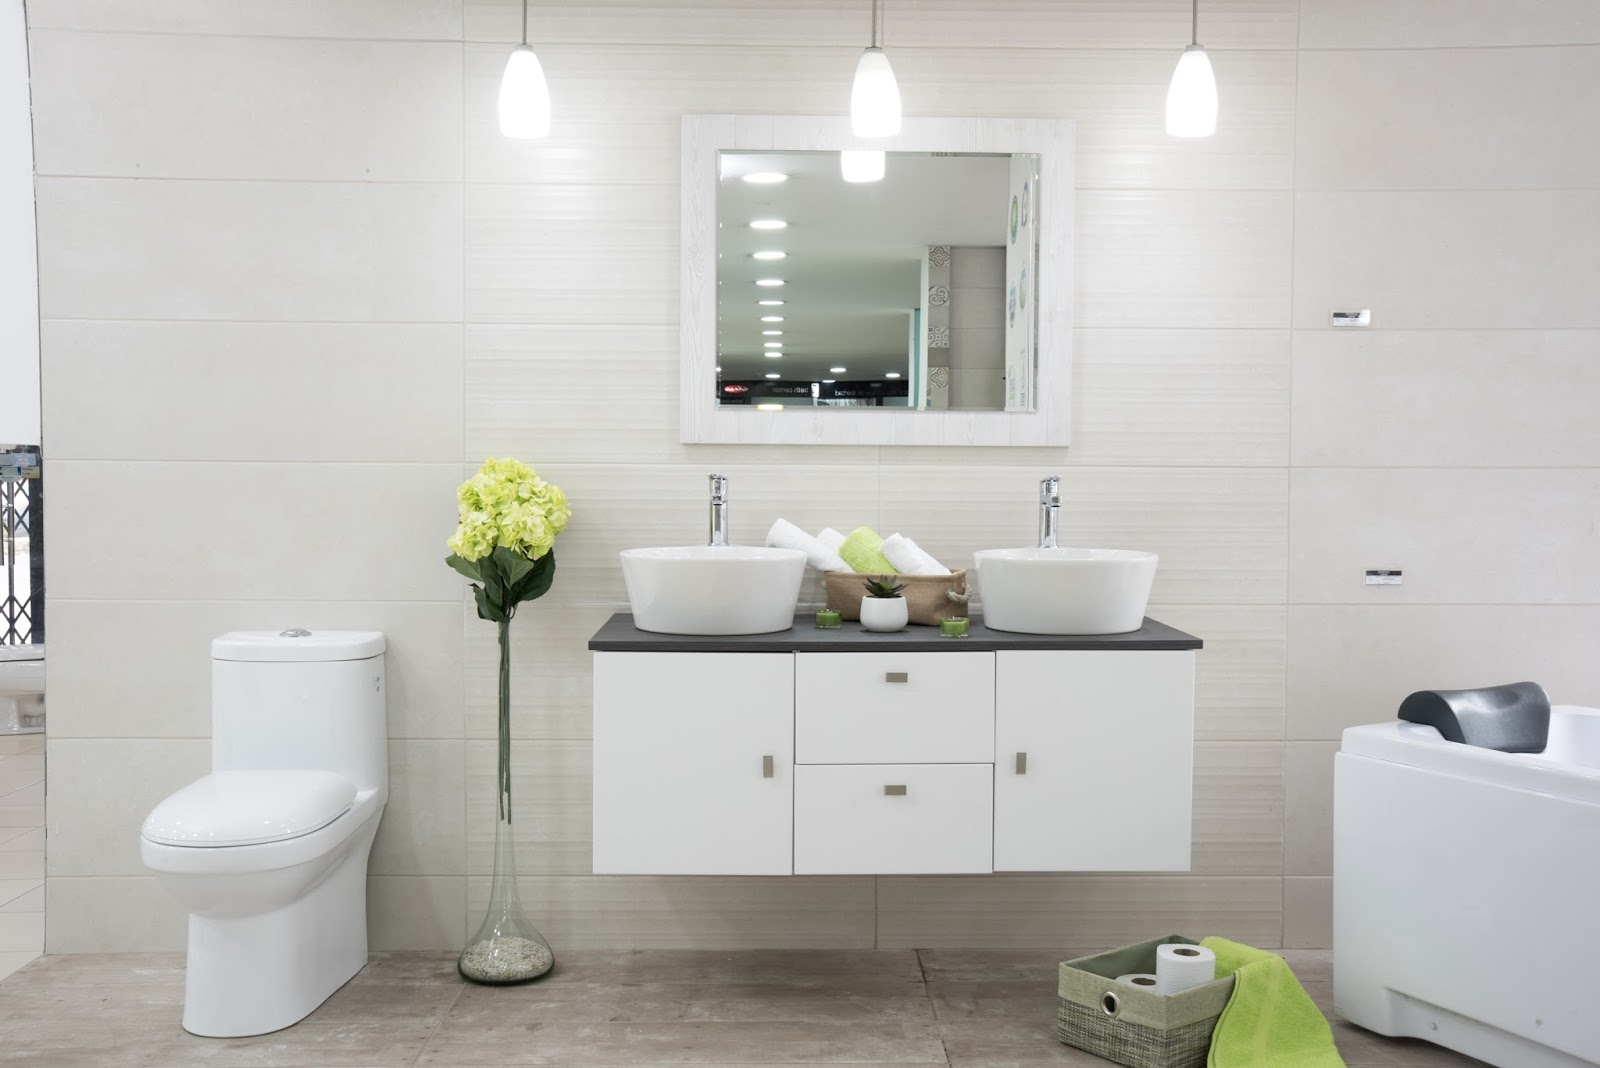 Tendencias en diseño y decoración para cuartos de baño en este 2018